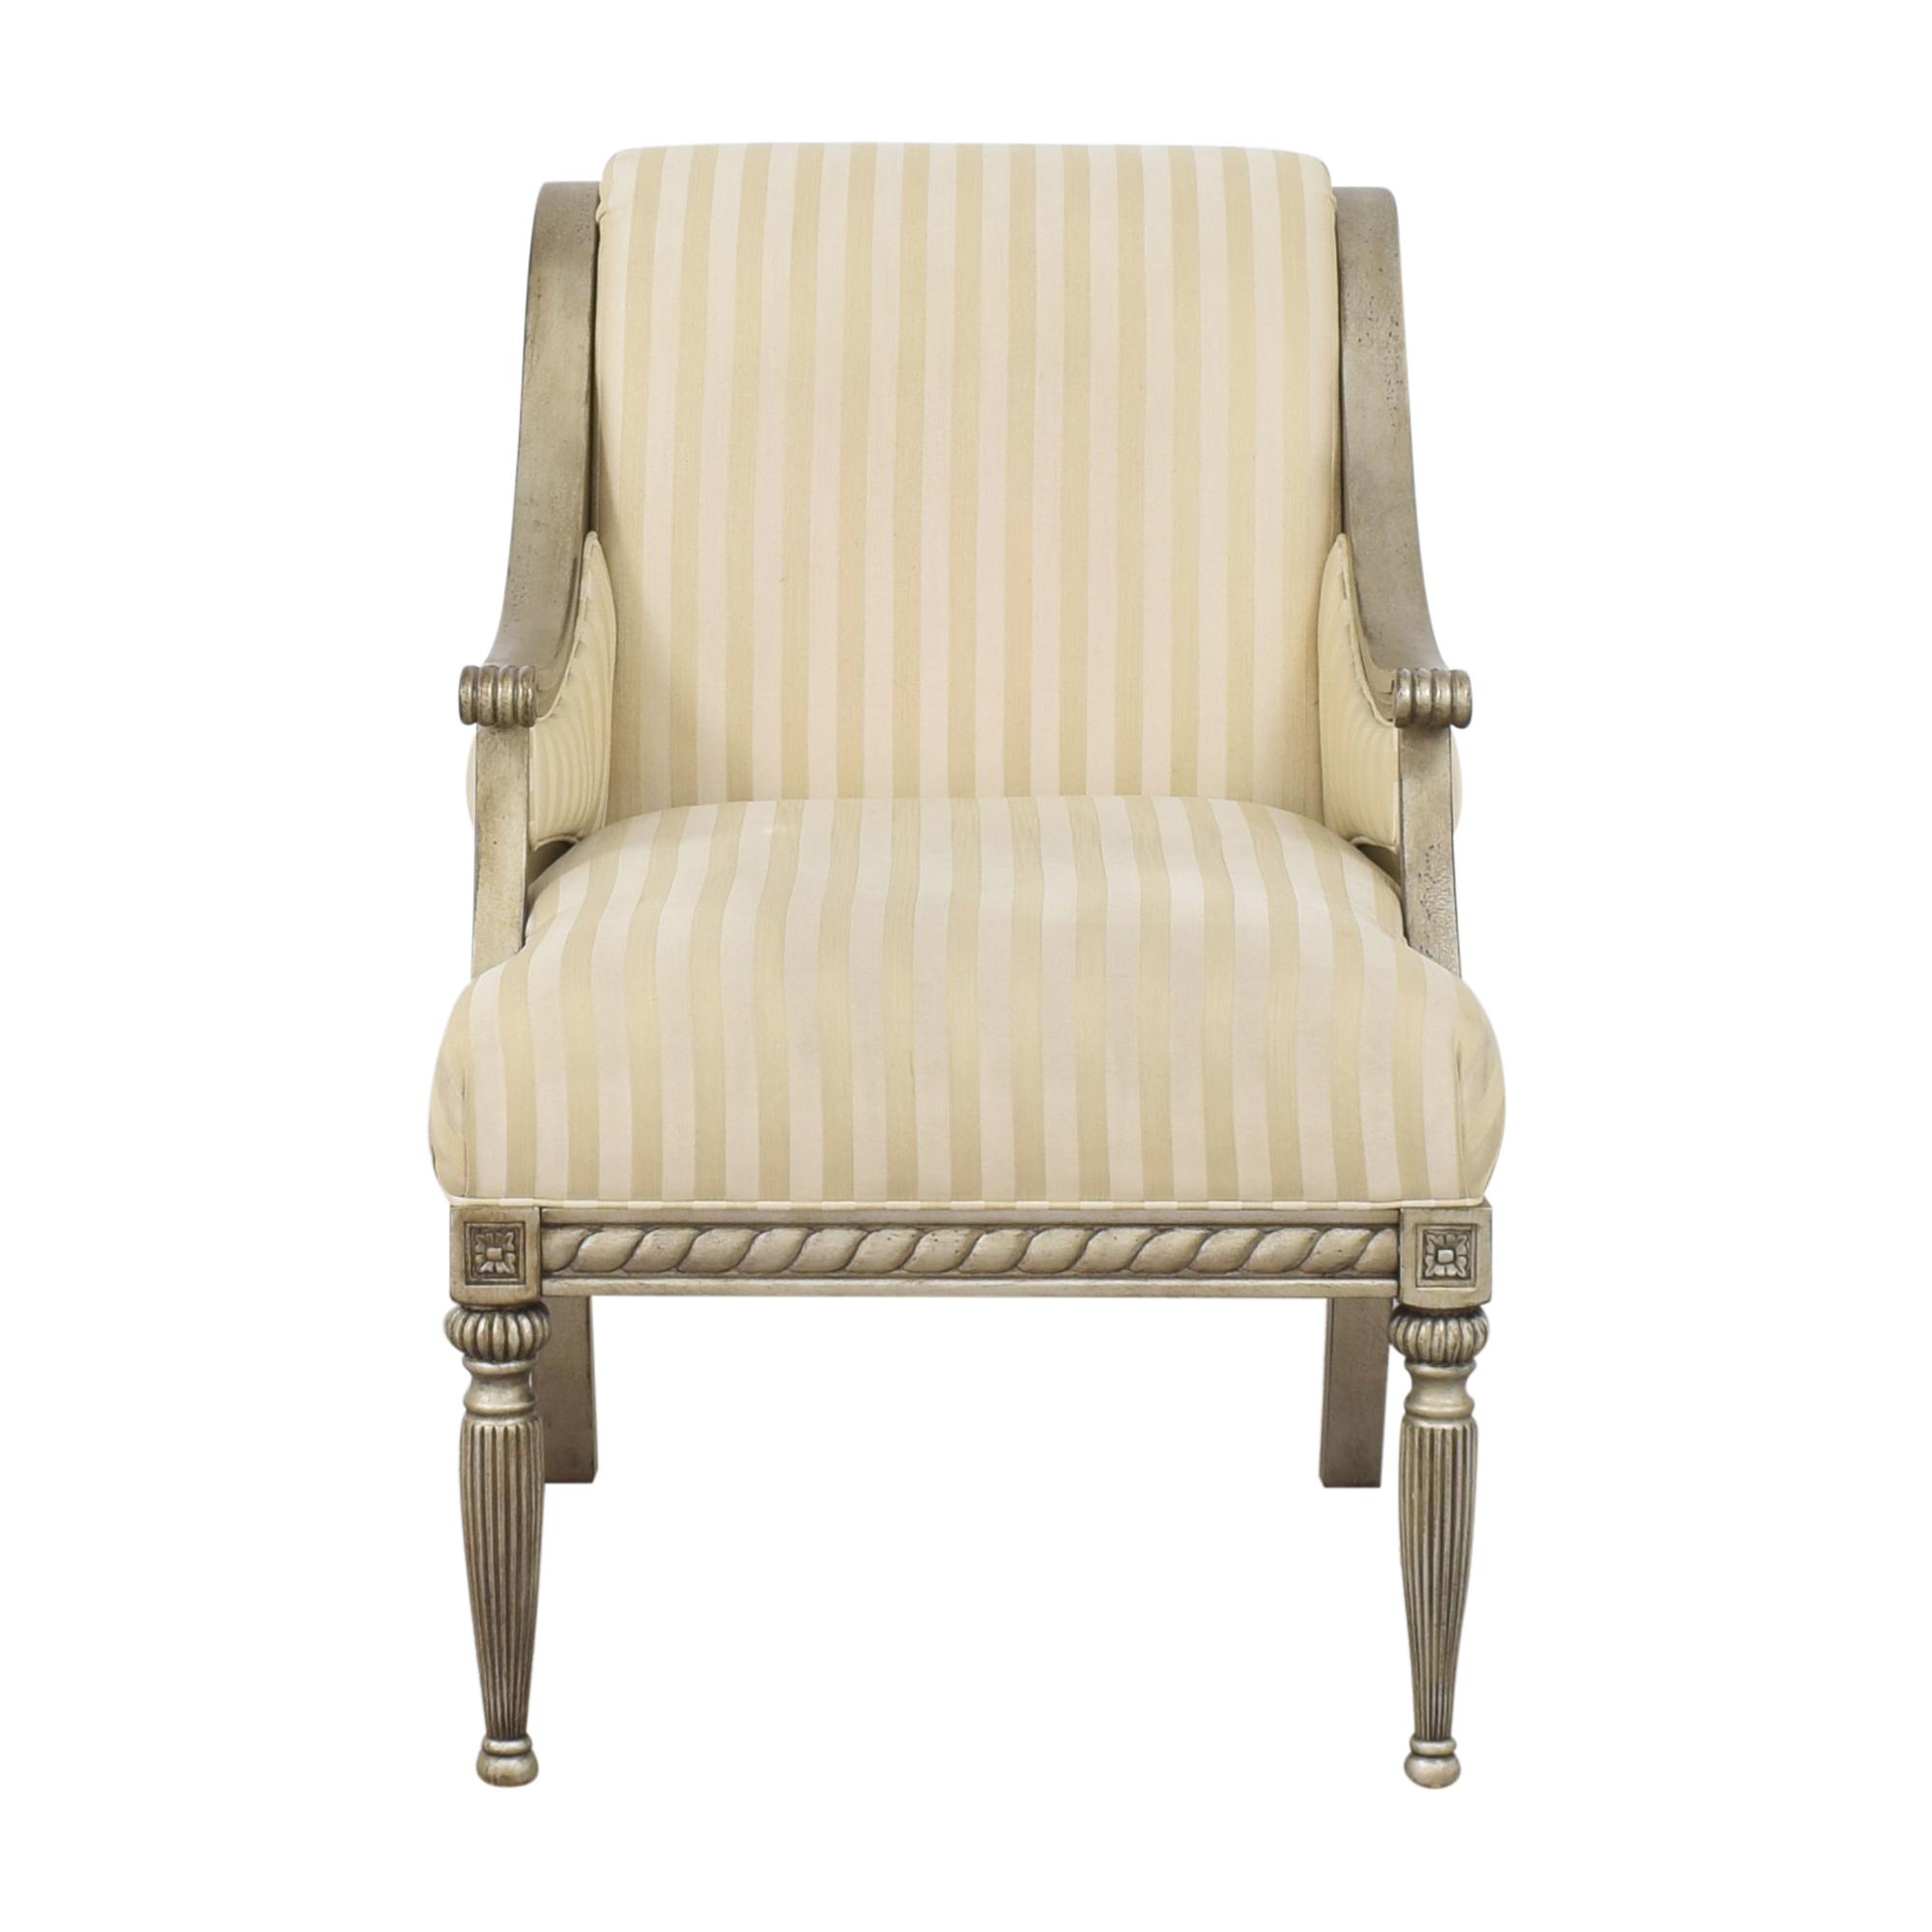 Schnadig Schnadig Wingback Accent Chair Beige